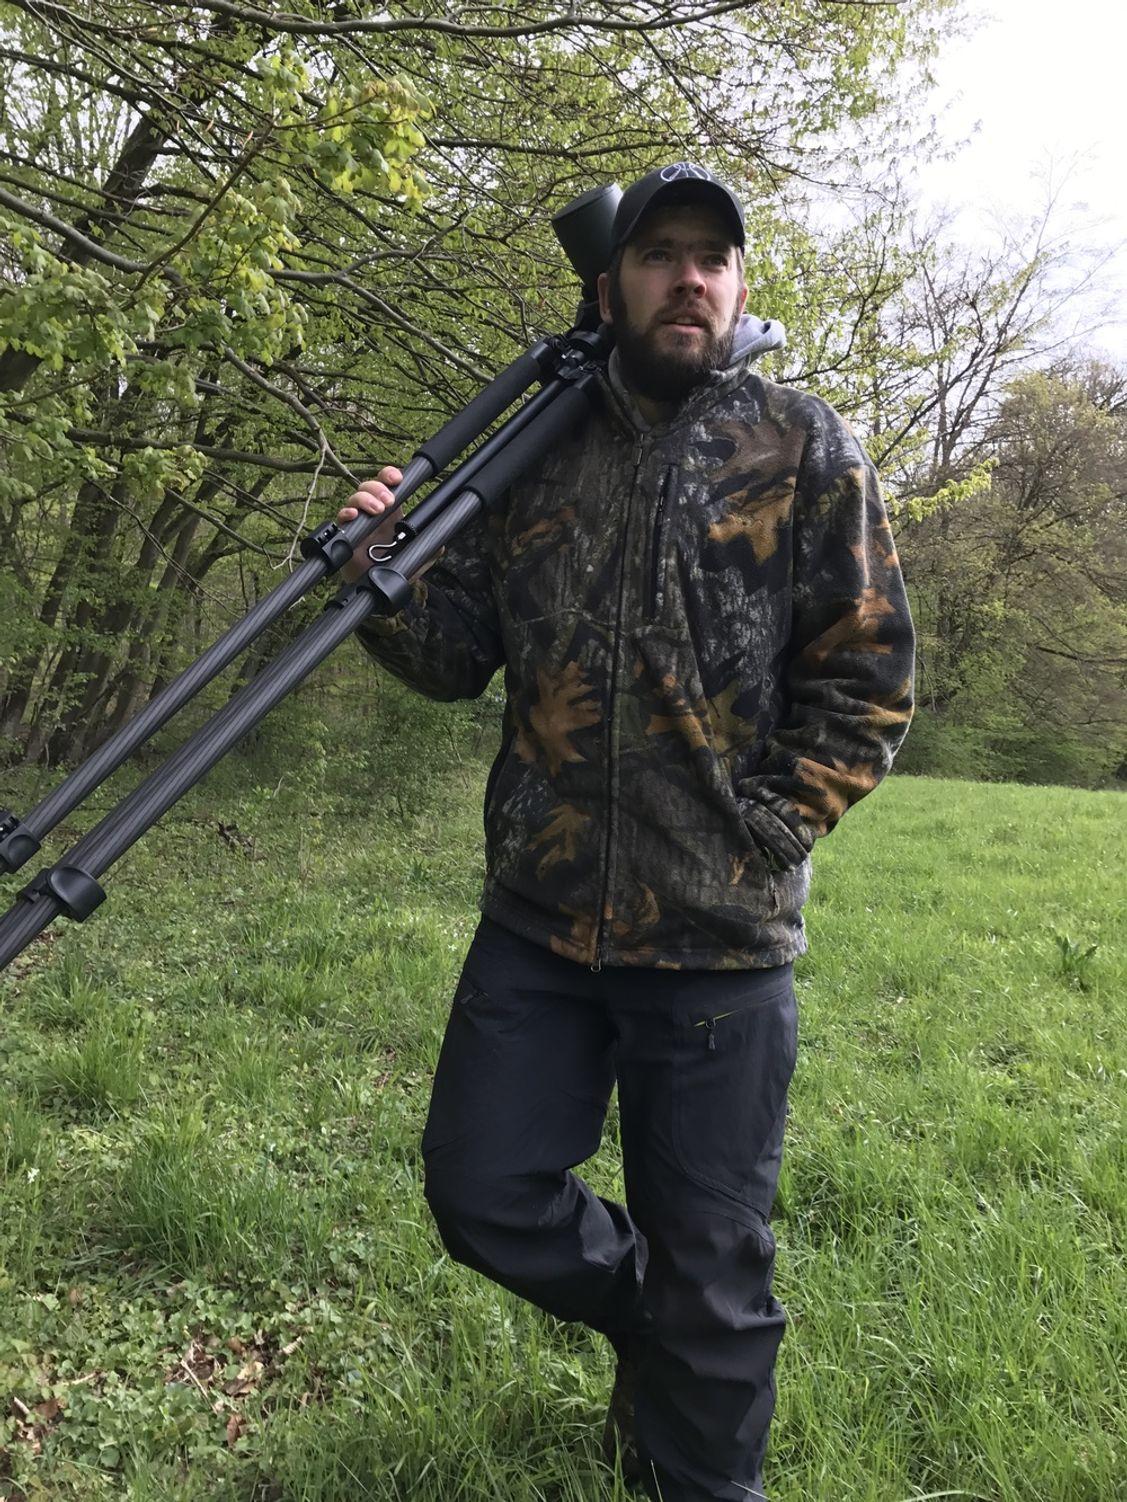 Ich gucke betont locker aber trage allein schon 2.500 Gram reine Optik auf den Schultern. Dazu noch Waffe und Co........!?!